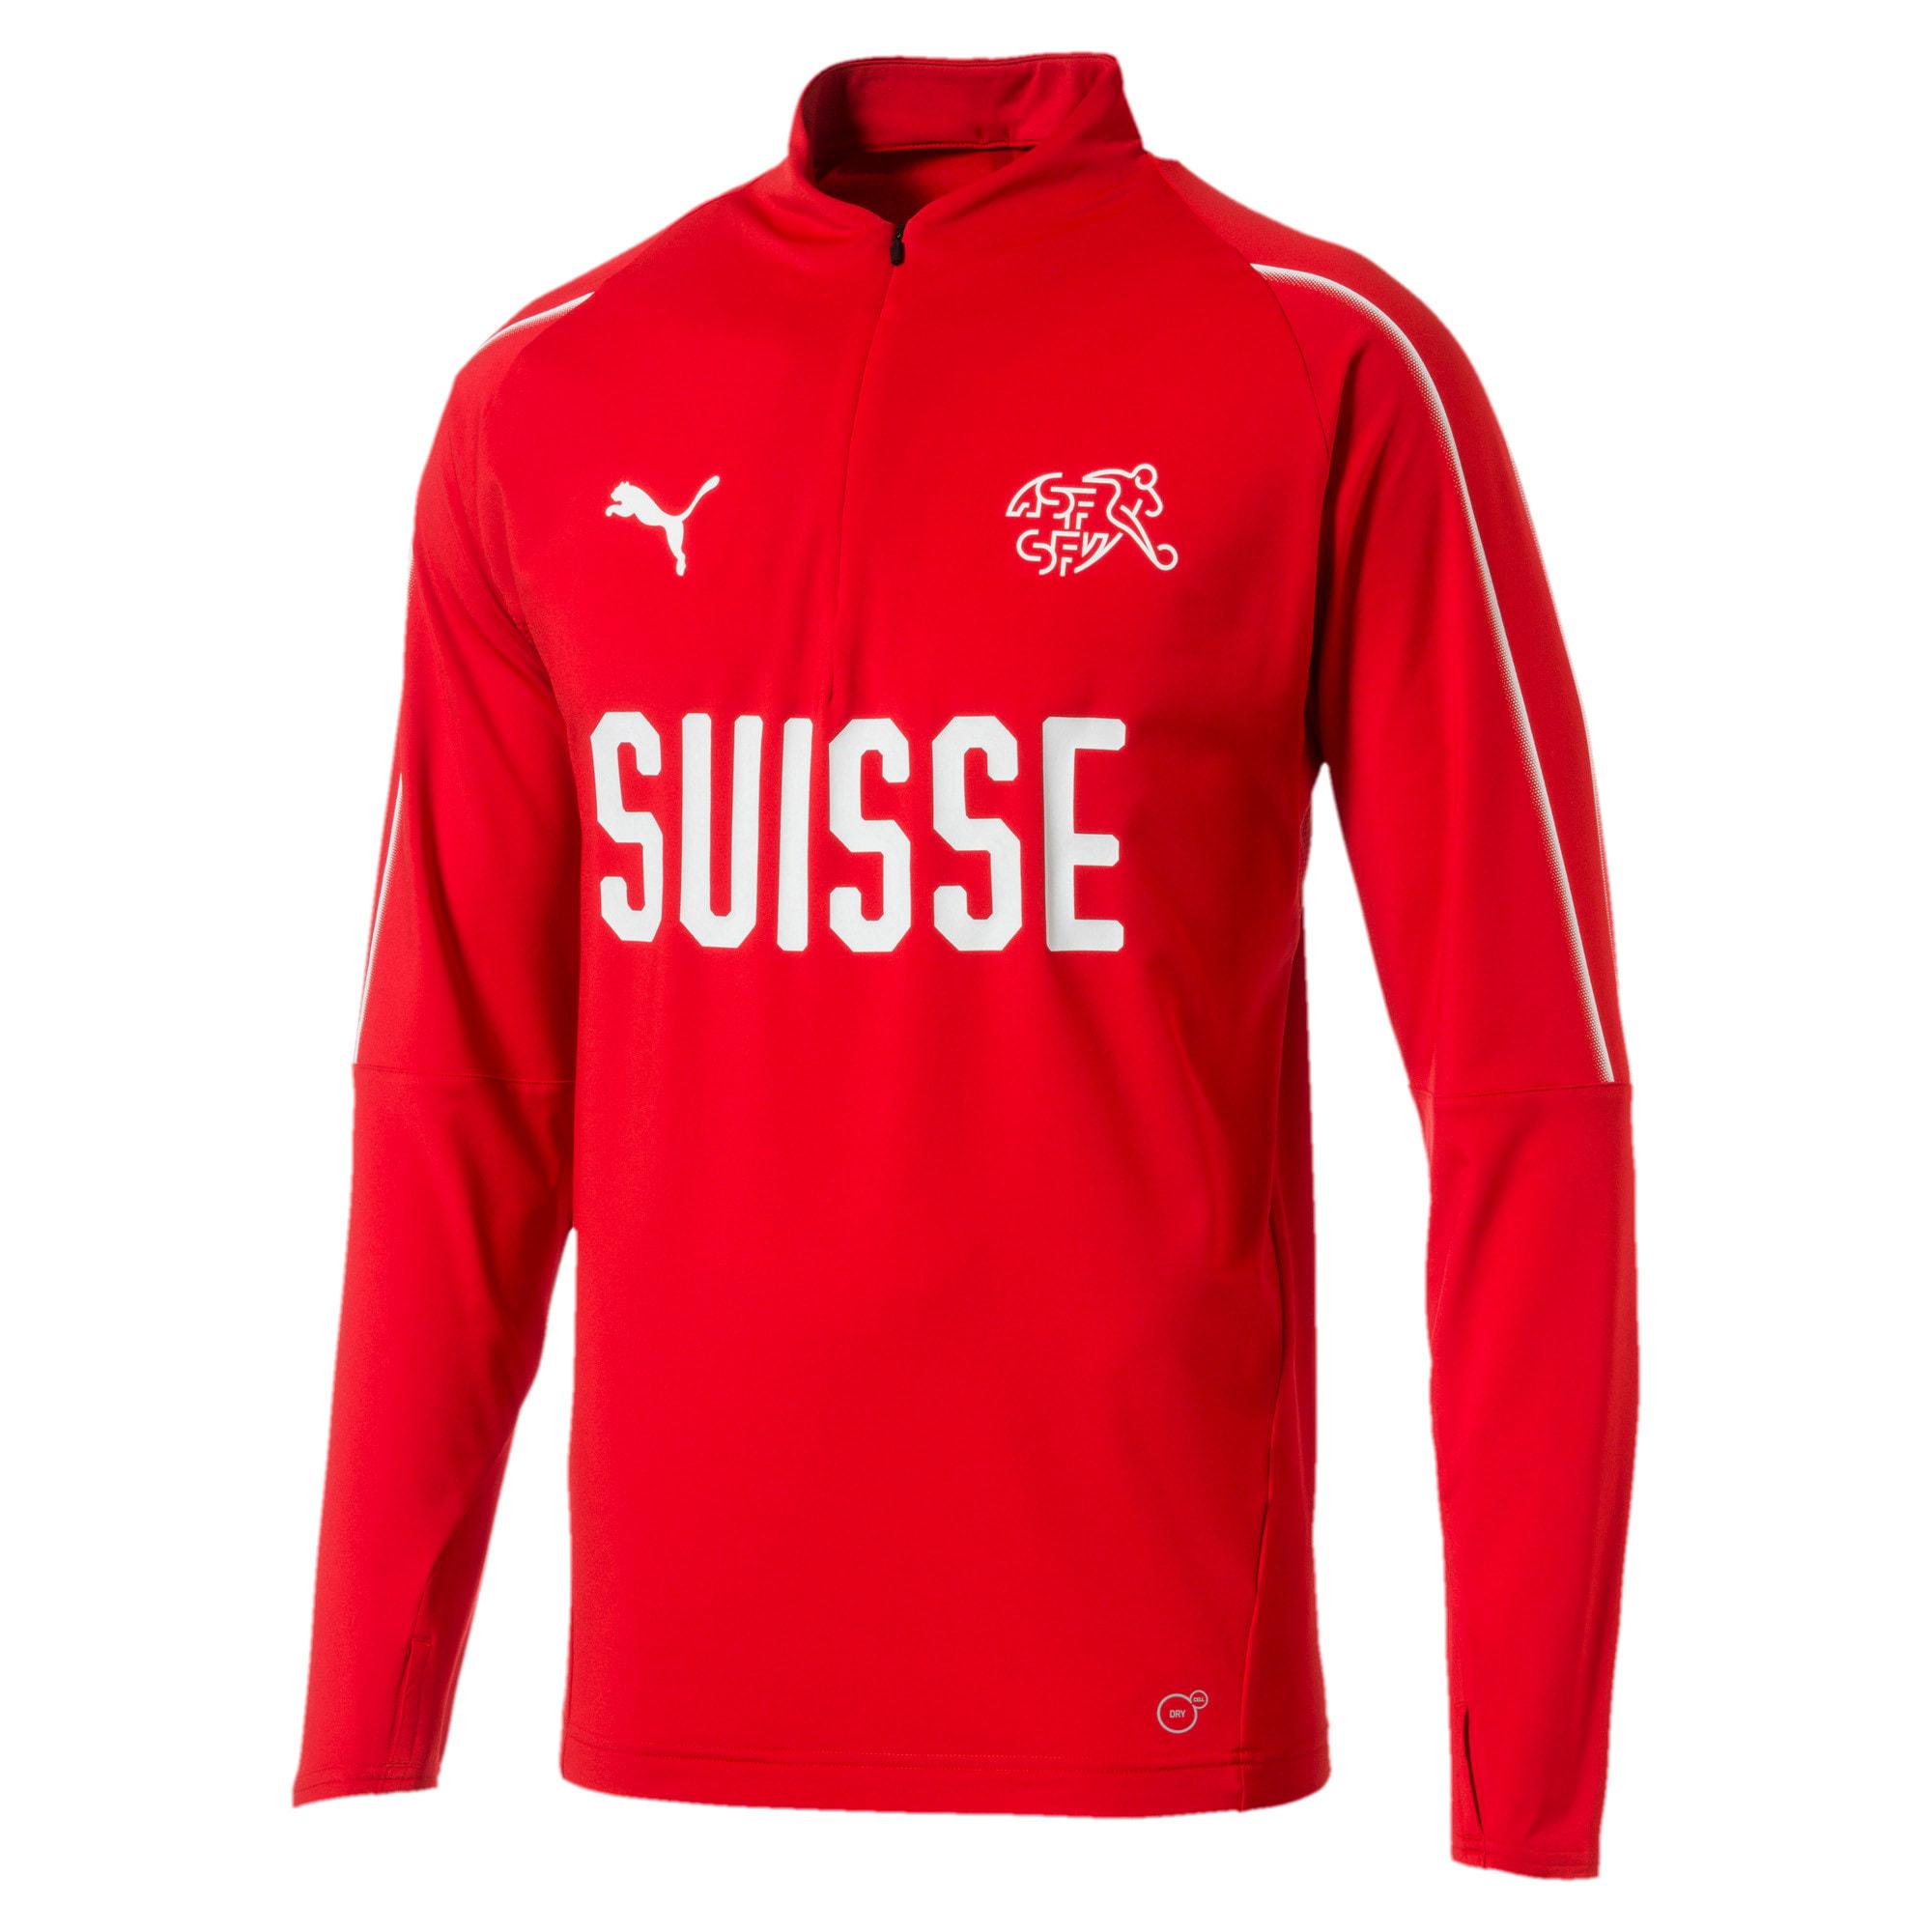 Thumbnail 1 of Switzerland 1/4 Zip Training Top, Puma Red-Puma White, medium